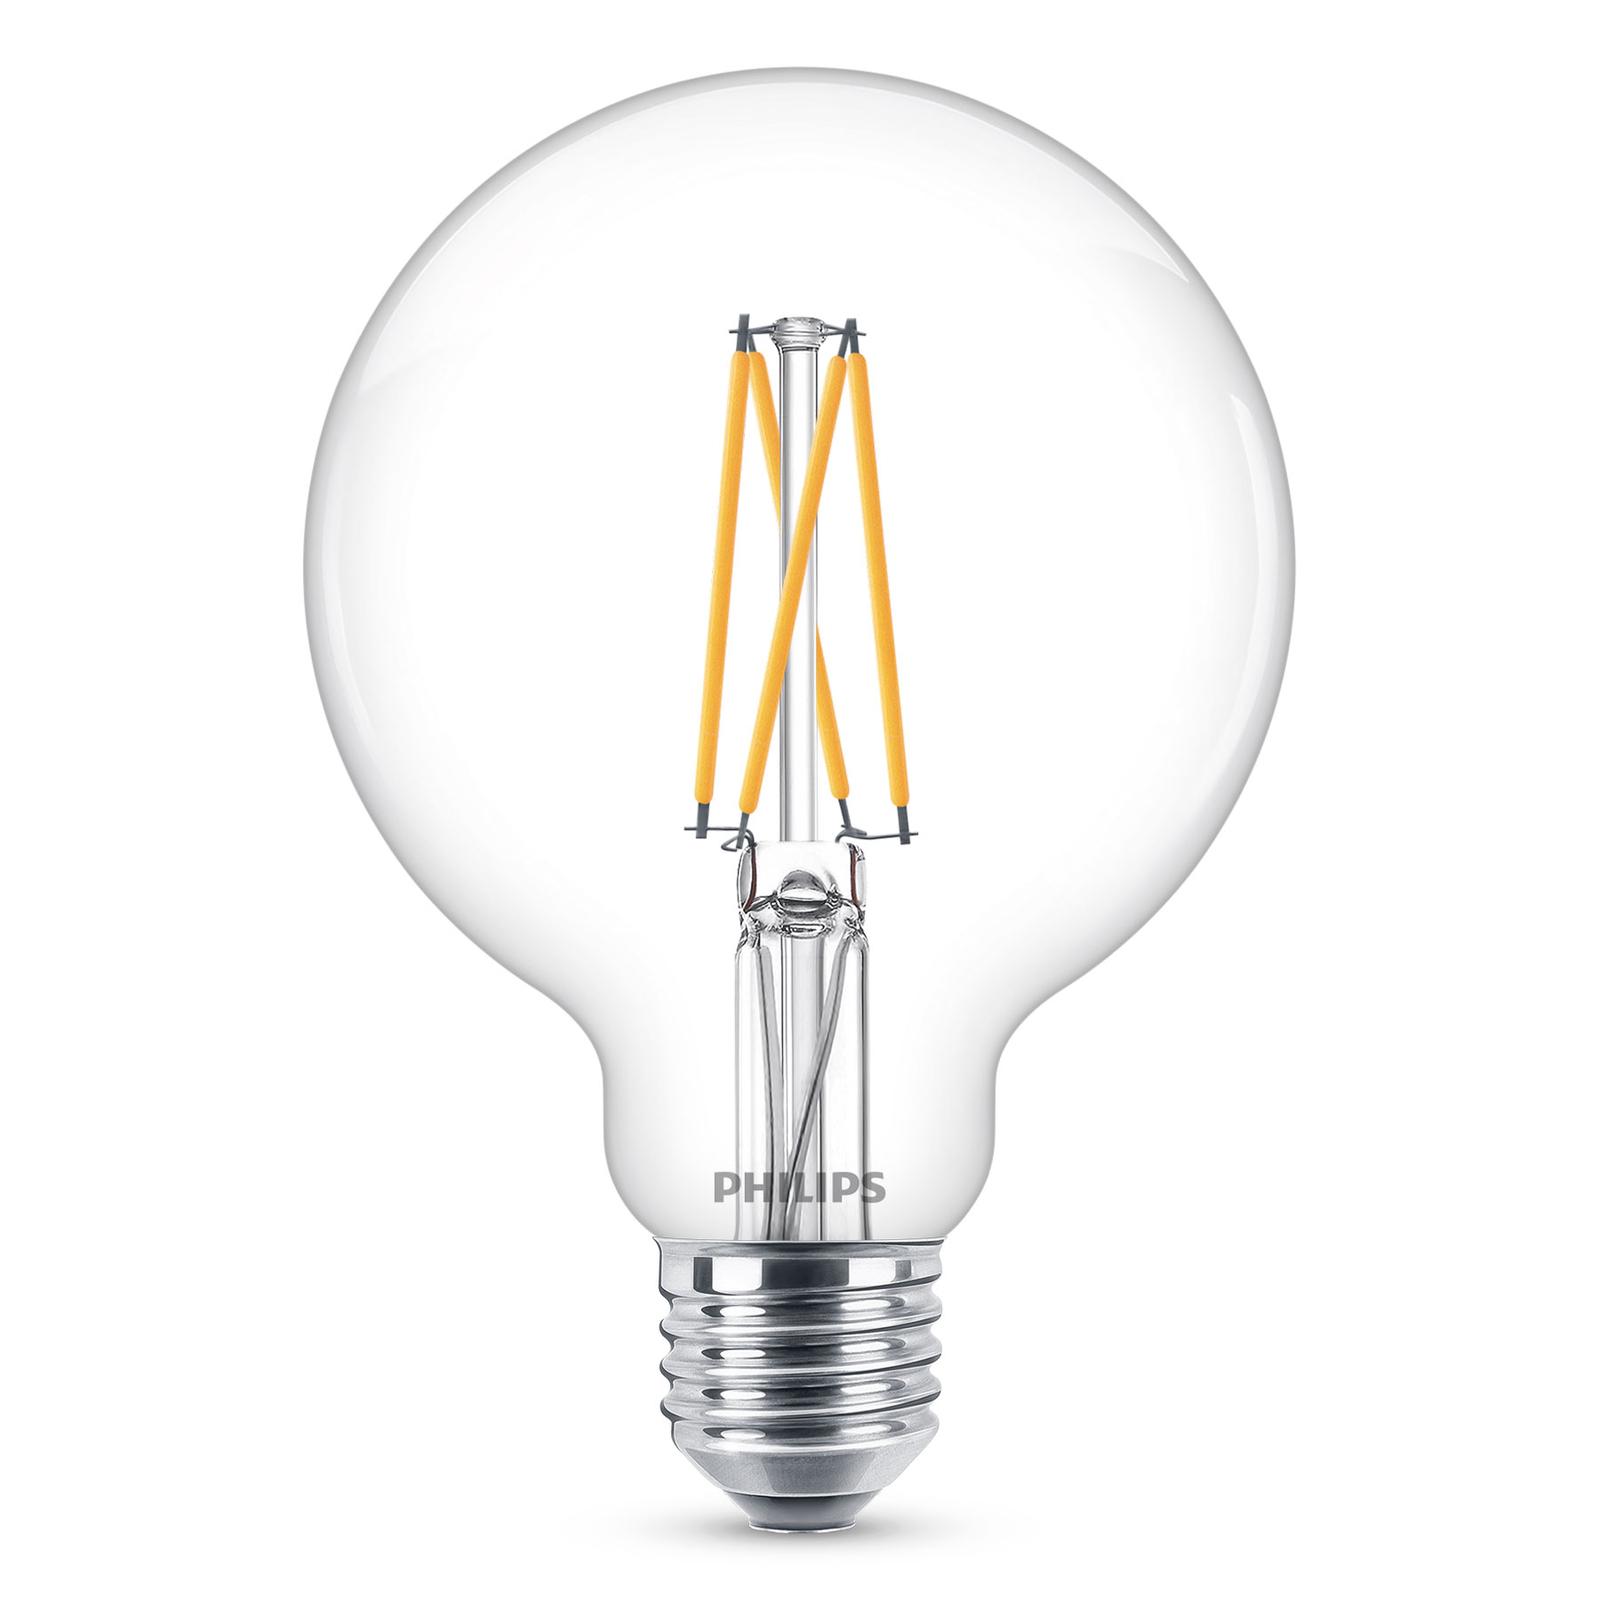 Philips E27 6W LED-Globelampe G95 klar dimmbar 927